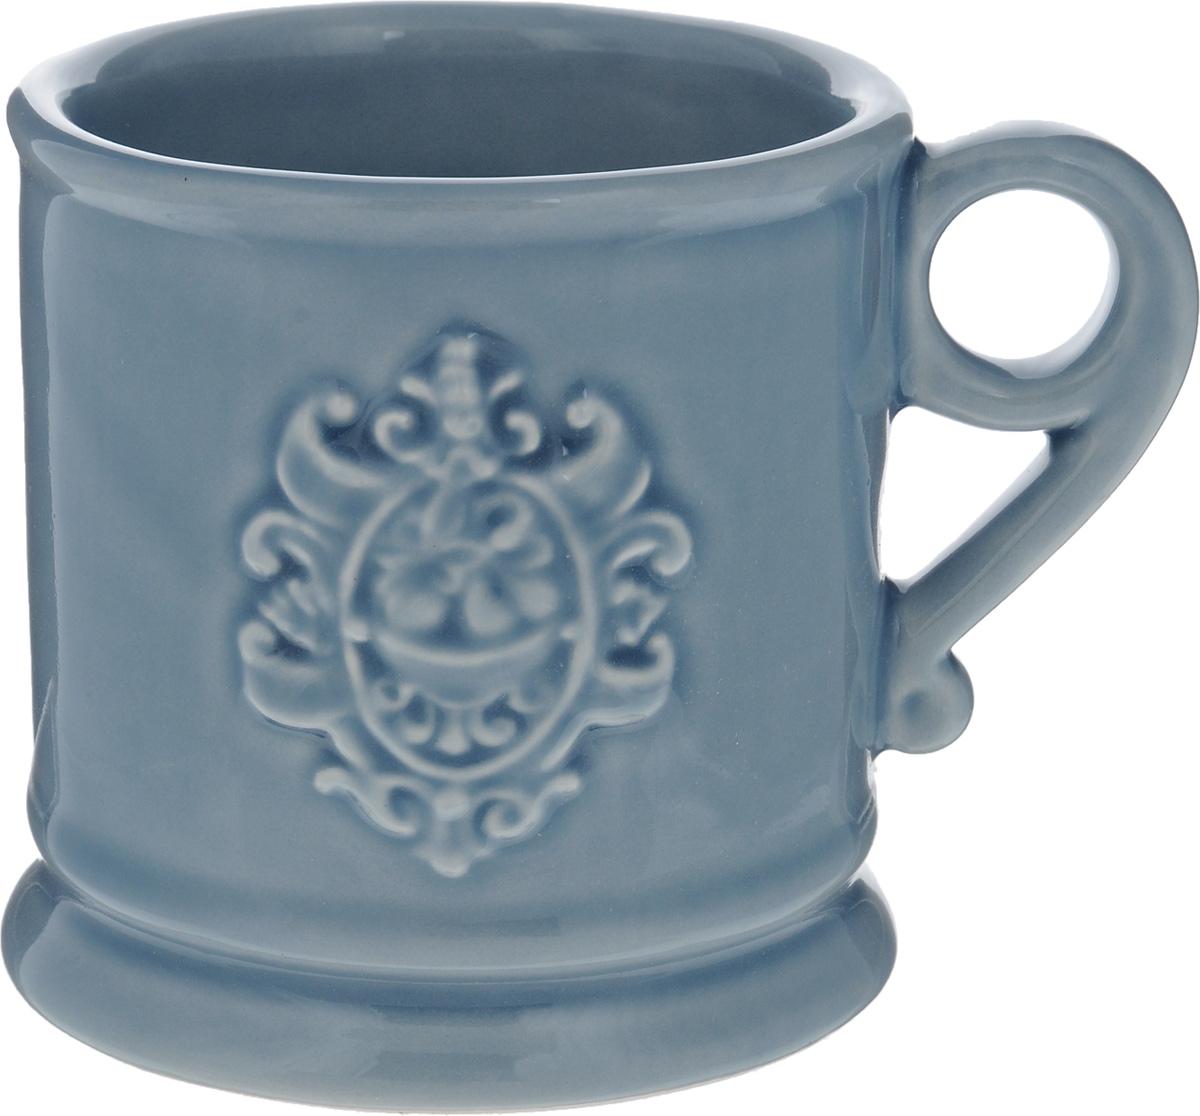 Кружка Nuova Cer Аральдо, цвет: голубой, 400 млNC8307-CRZ-ALКружка Nuova Cer Аральдо выполнена из высококачественной толстой керамики с глазурованным покрытием и оформлена оригинальным рельефным рисунком. Красивая и удобная кружка дополнит интерьер вашей кухни. Не рекомендуется мыть в посудомоечной машине и использовать в микроволновой печи. Диаметр кружки (по верхнему краю): 10 см.